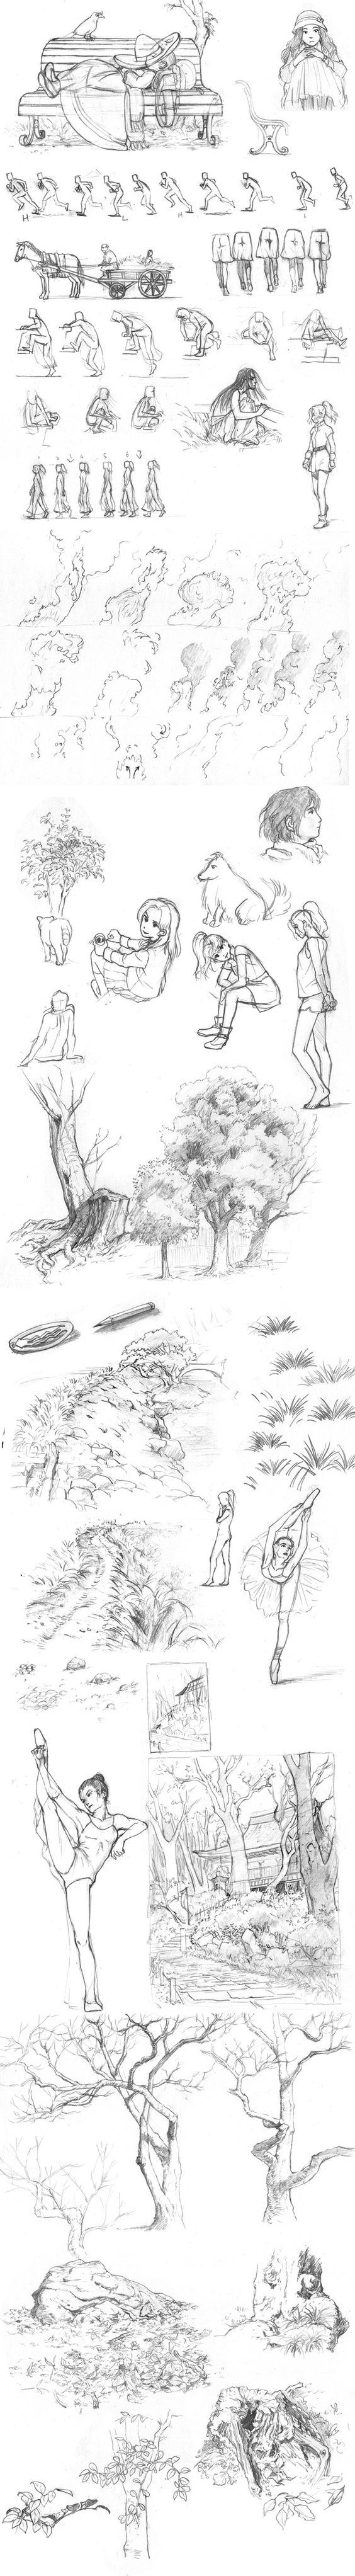 Pencil practice by Evaty.deviantart.com